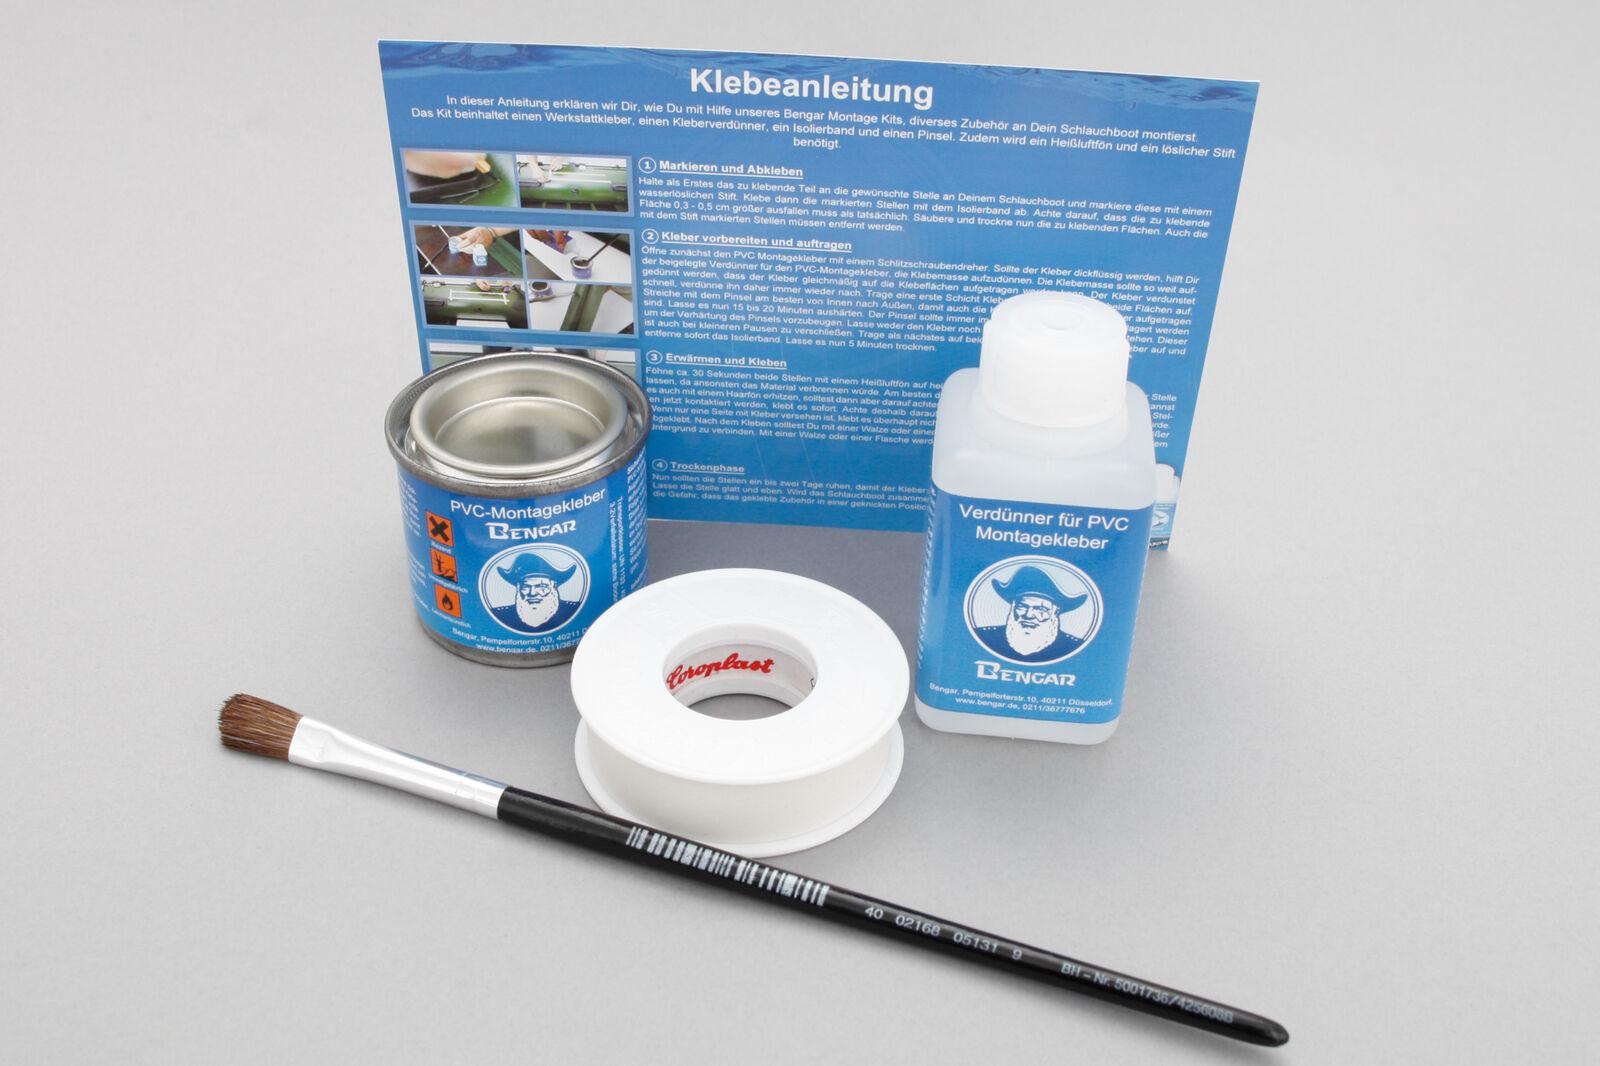 Set  Railblaza Cleatport Ribmount Halterung und Kleber-Kit (schwarz) 03-0015-11 03-0015-11 03-0015-11 3d695b